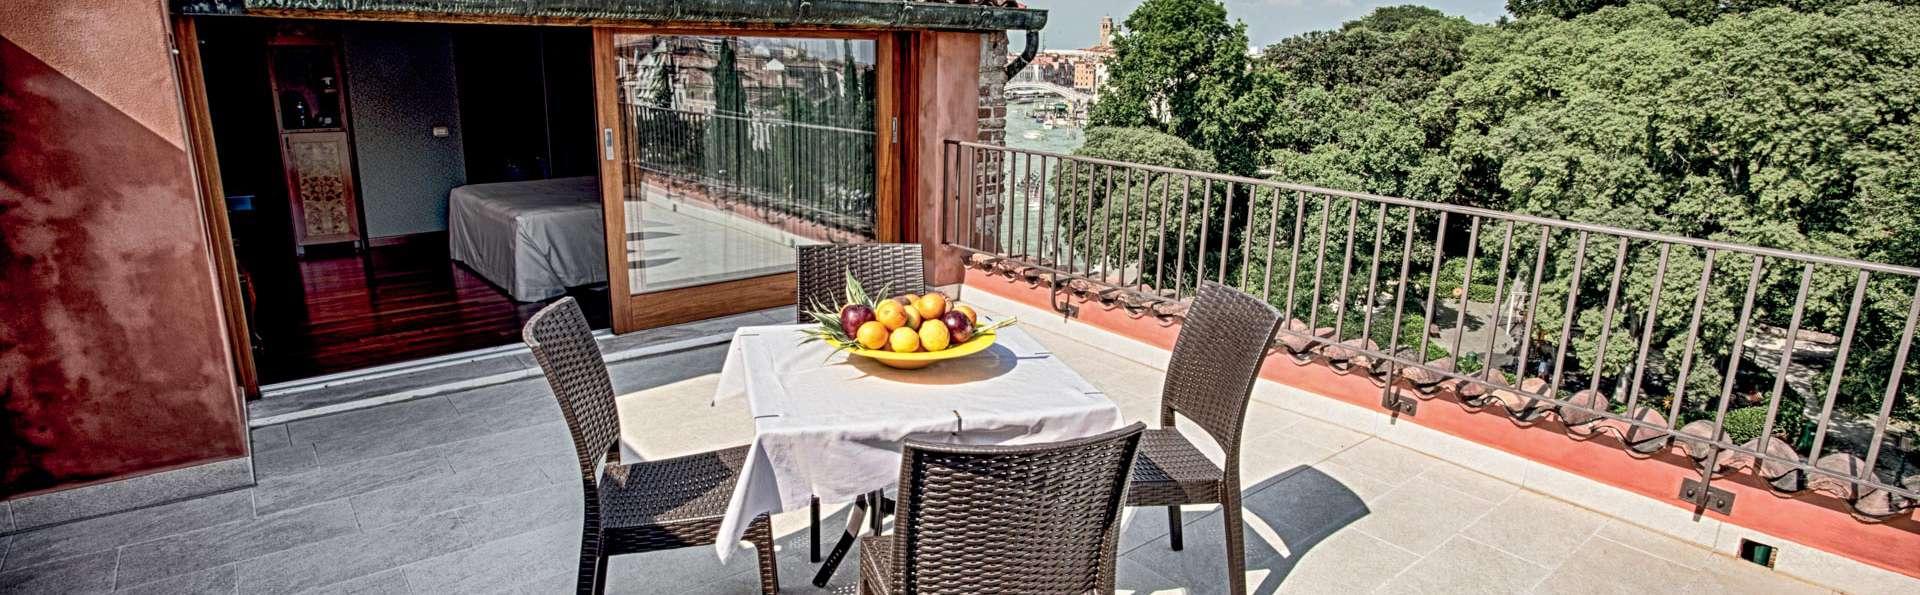 Hotel Santa Chiara ****  - EDIT_TERRACE_01.jpg